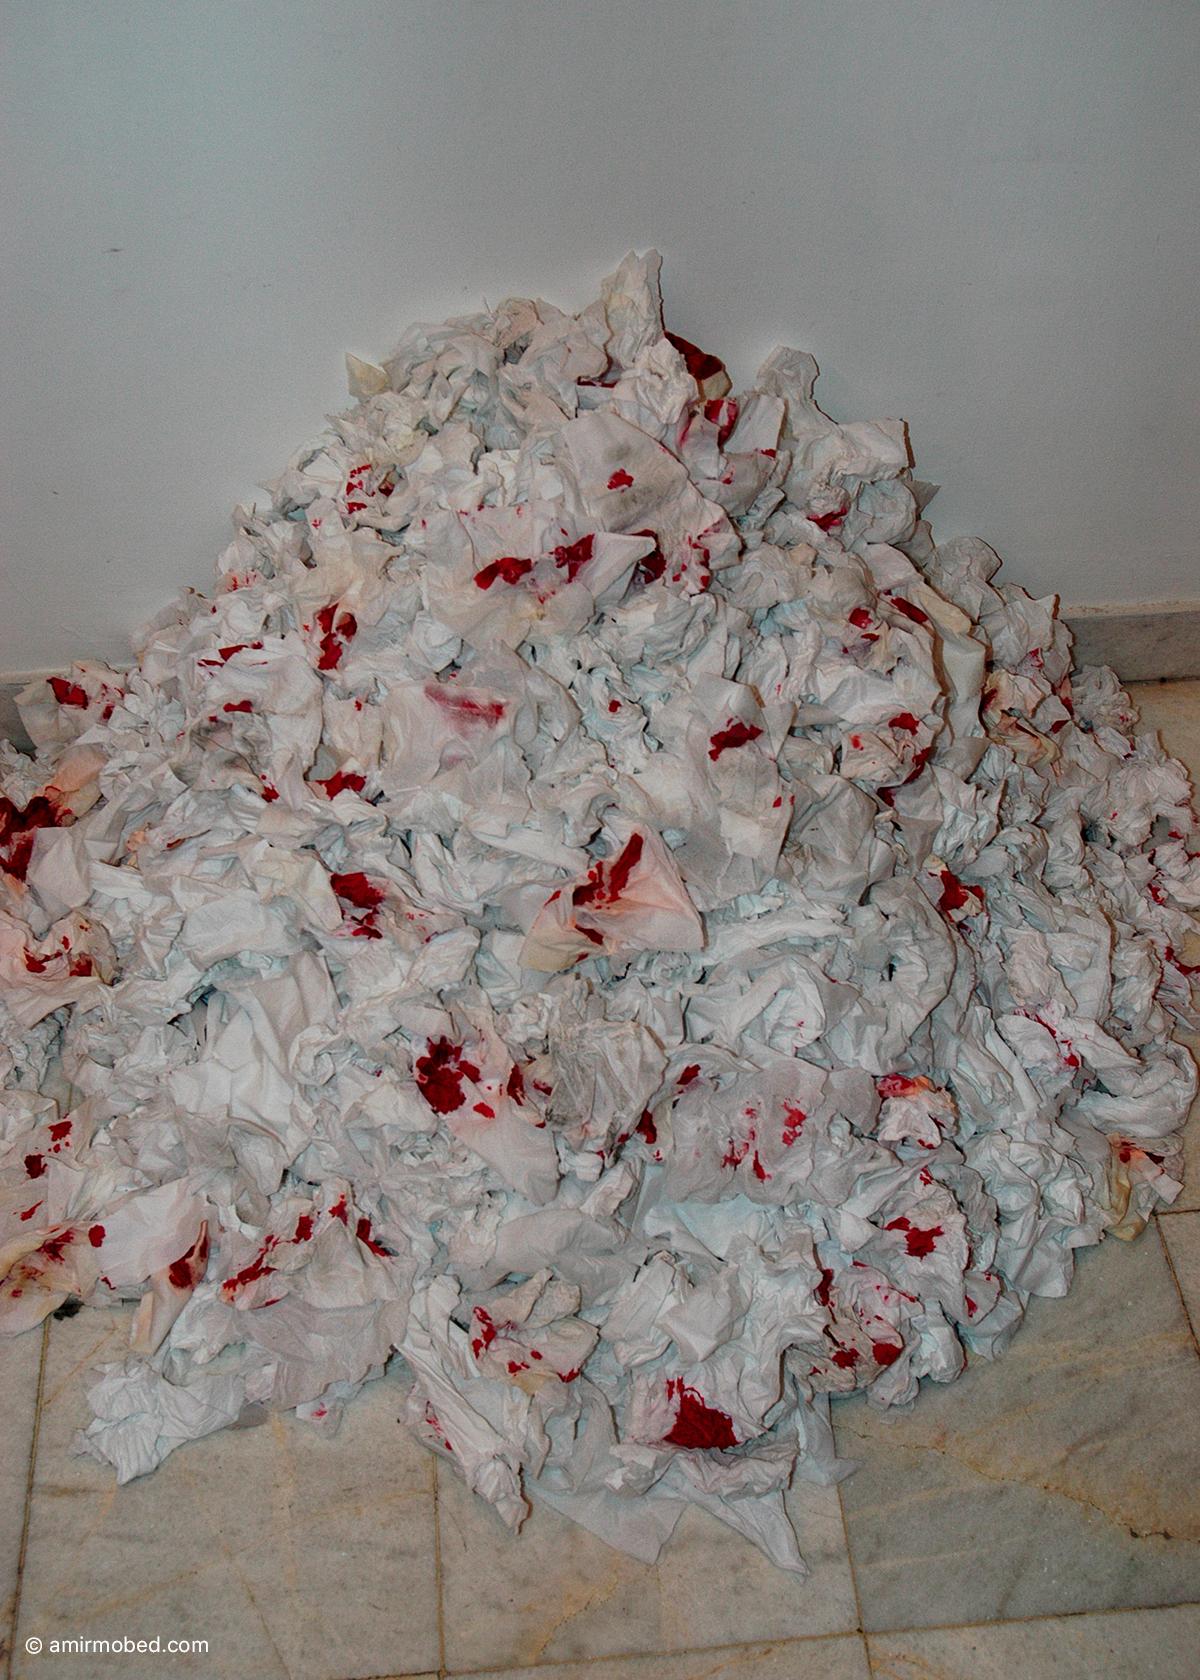 باکرگی ، ۱۳۸۳، چیدمان، سیب، رنگ سفید، مو، دستمال کاغذی